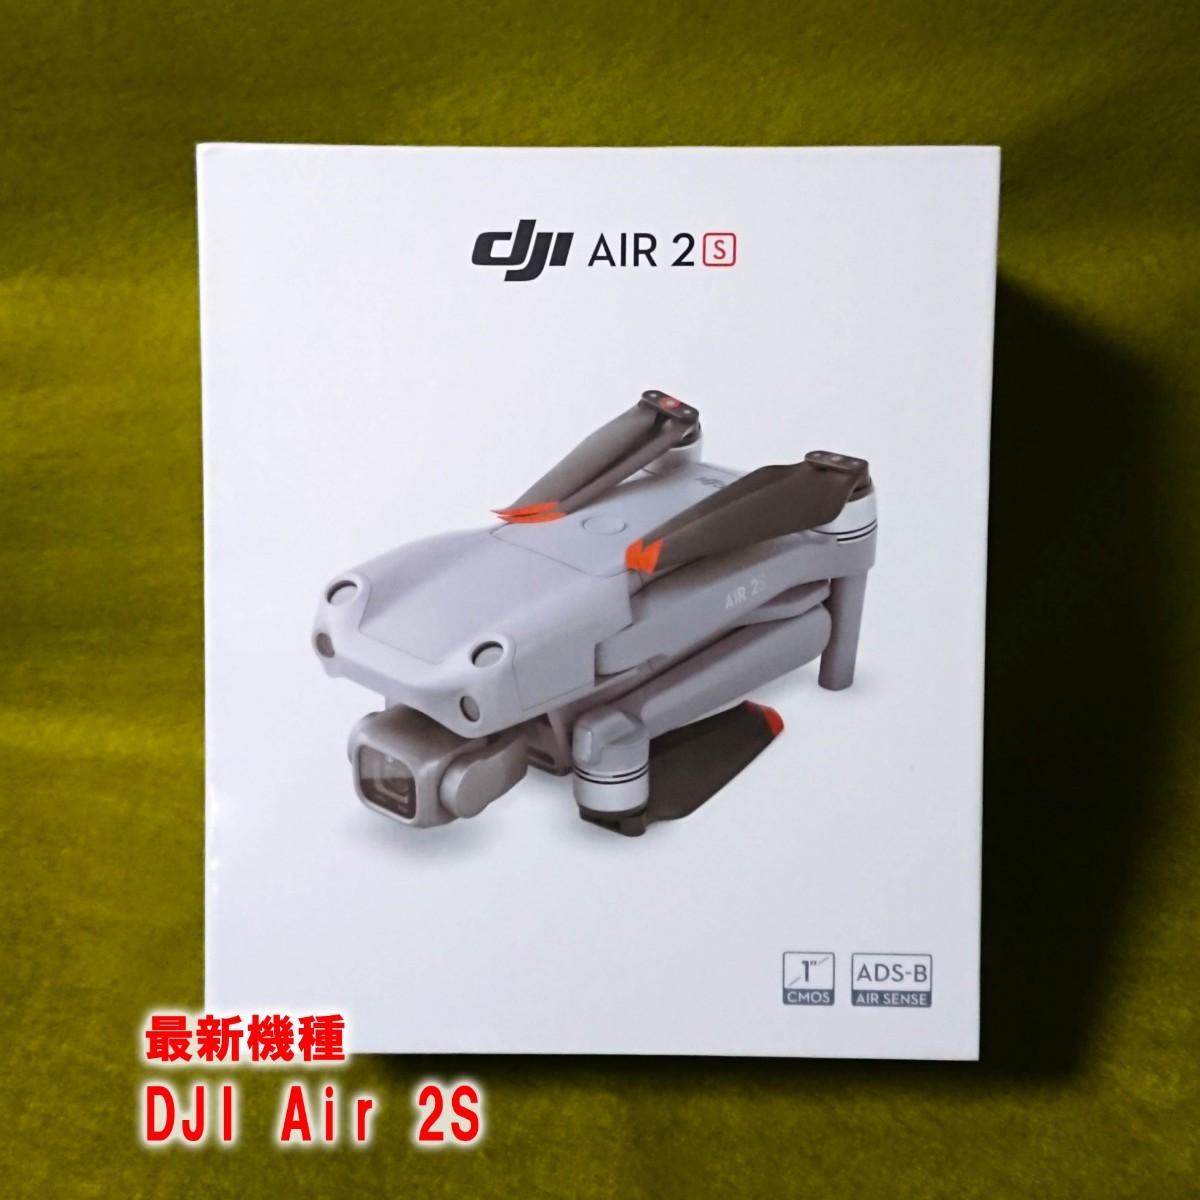 新品最新機種 DJI Air 2S(Mavic Air 2 後継機)